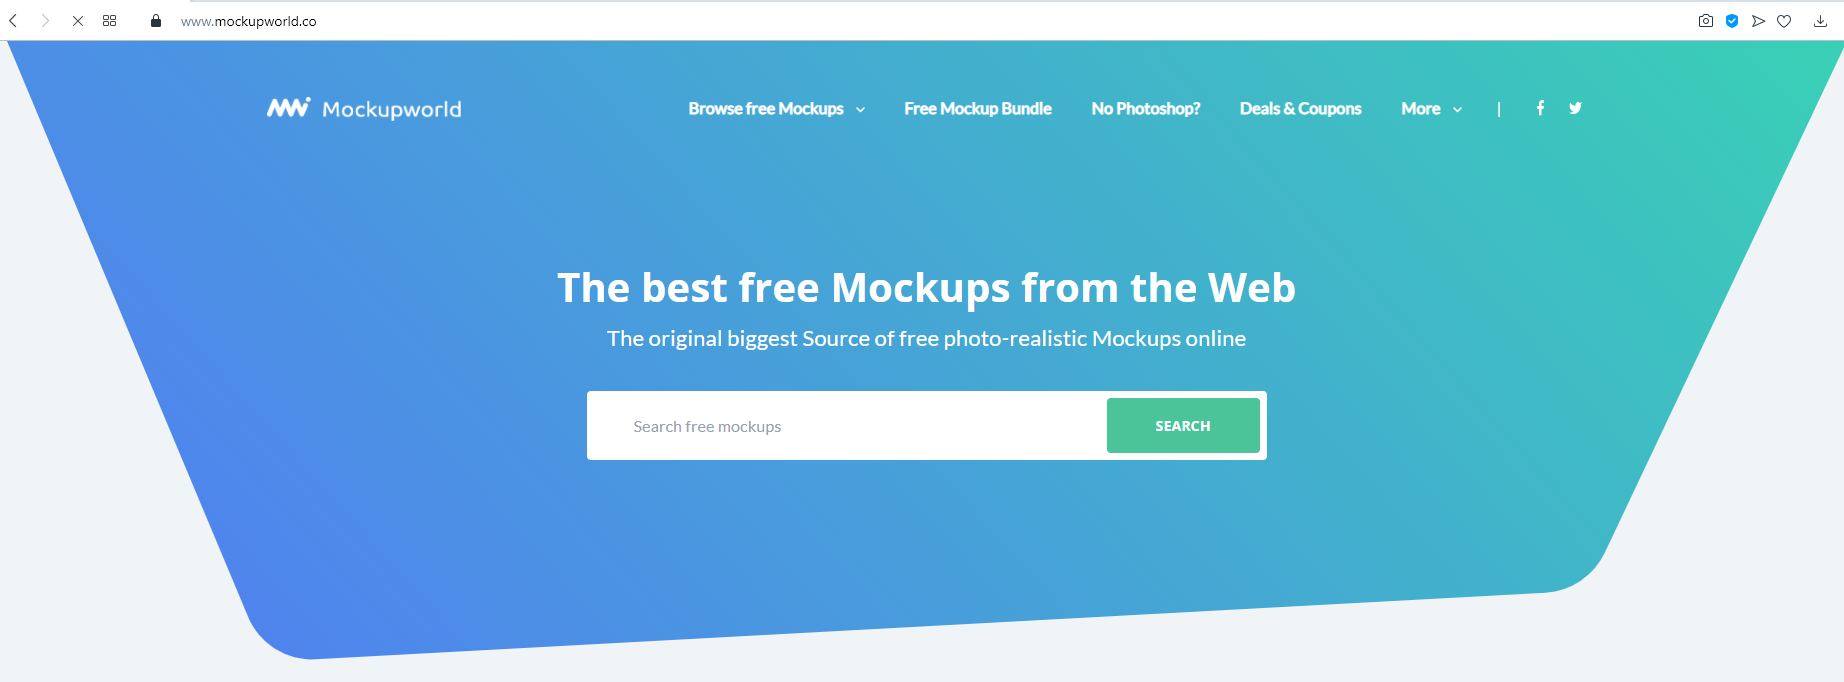 Ücretsiz Mockup İndire Bileceğiniz Siteler